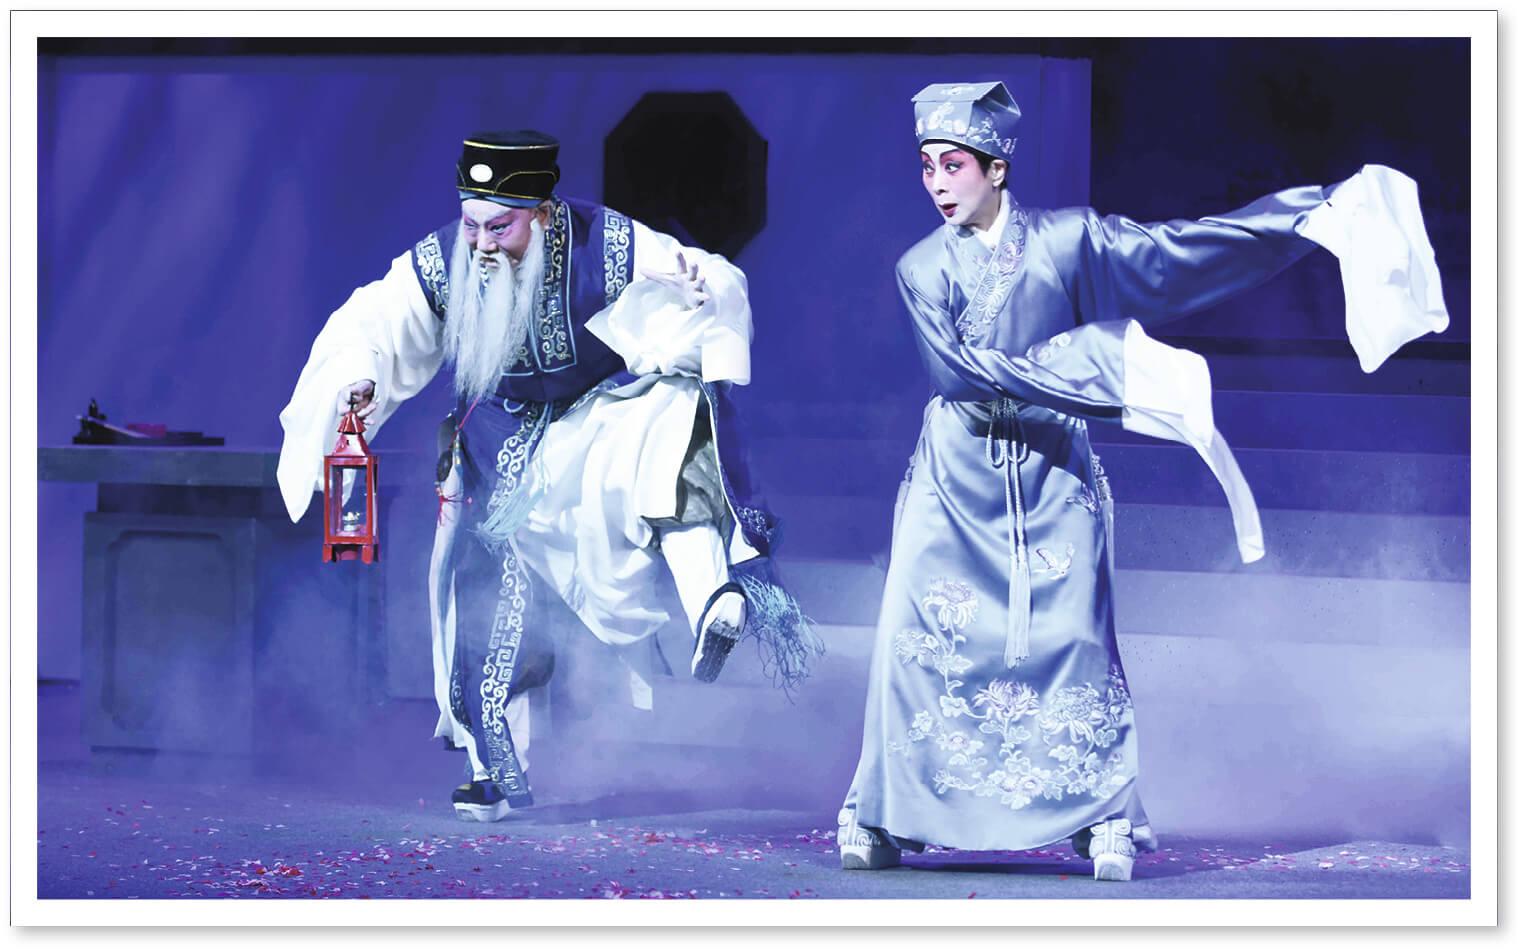 尤聲普在《牡丹亭驚夢》中飾演陳最良,與他連場對手戲的陳寶珠,說尤聲普在指導後輩方面不遺餘力,令她獲益良多。